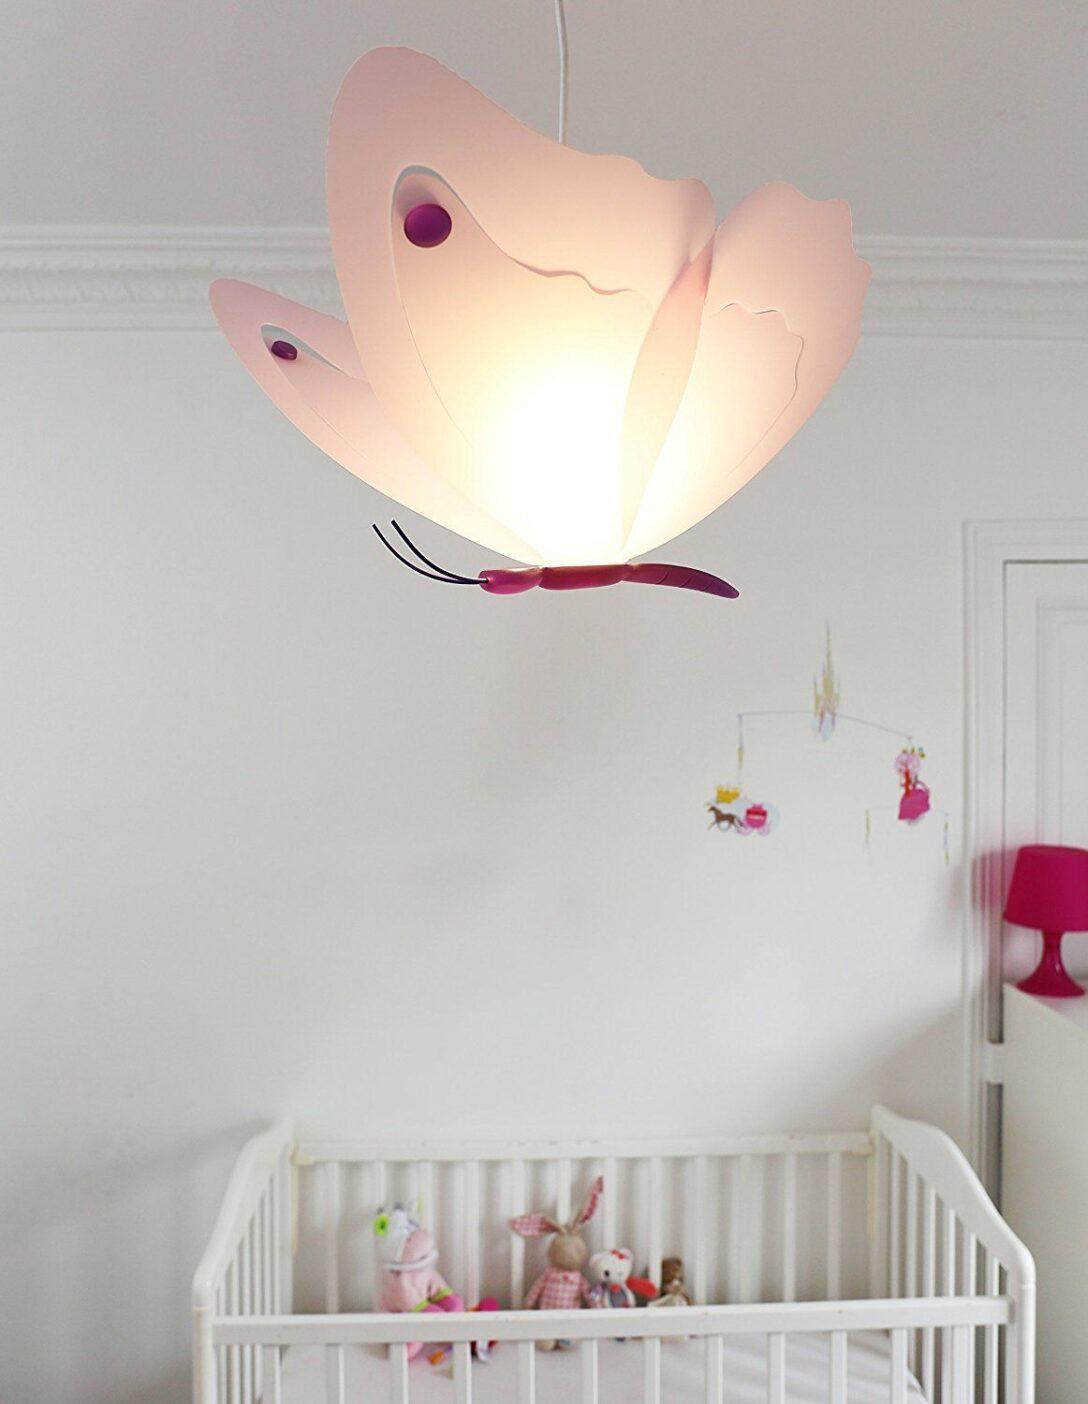 Large Size of Deckenlampe Kinderzimmer Schmetterling Fr Das In Verschiedenen Deckenlampen Wohnzimmer Modern Regale Schlafzimmer Regal Weiß Bad Sofa Für Esstisch Küche Kinderzimmer Deckenlampe Kinderzimmer